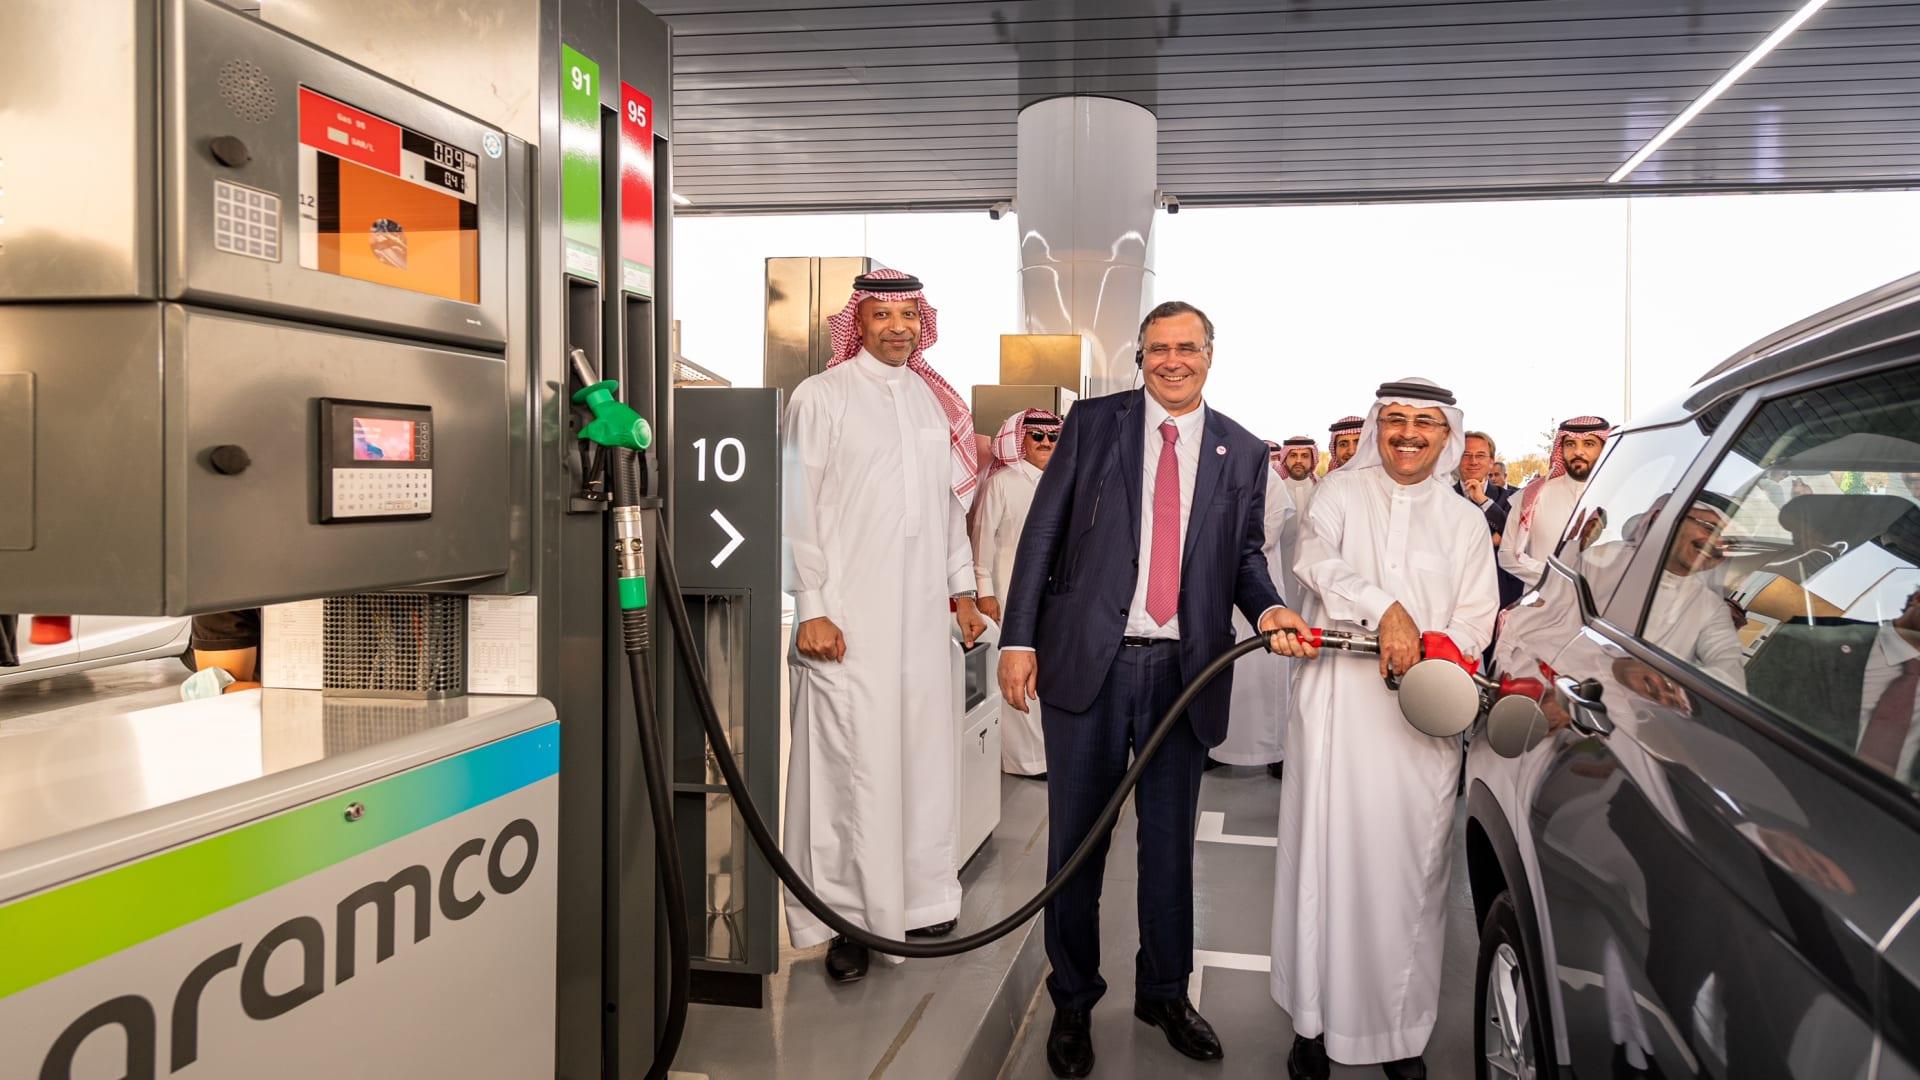 رئيس أرامكو التنفيذي أمين الناصر ورئيس توتال إنيرجيز باتريك بوياني خلال حفل تدشين محطة الوقود